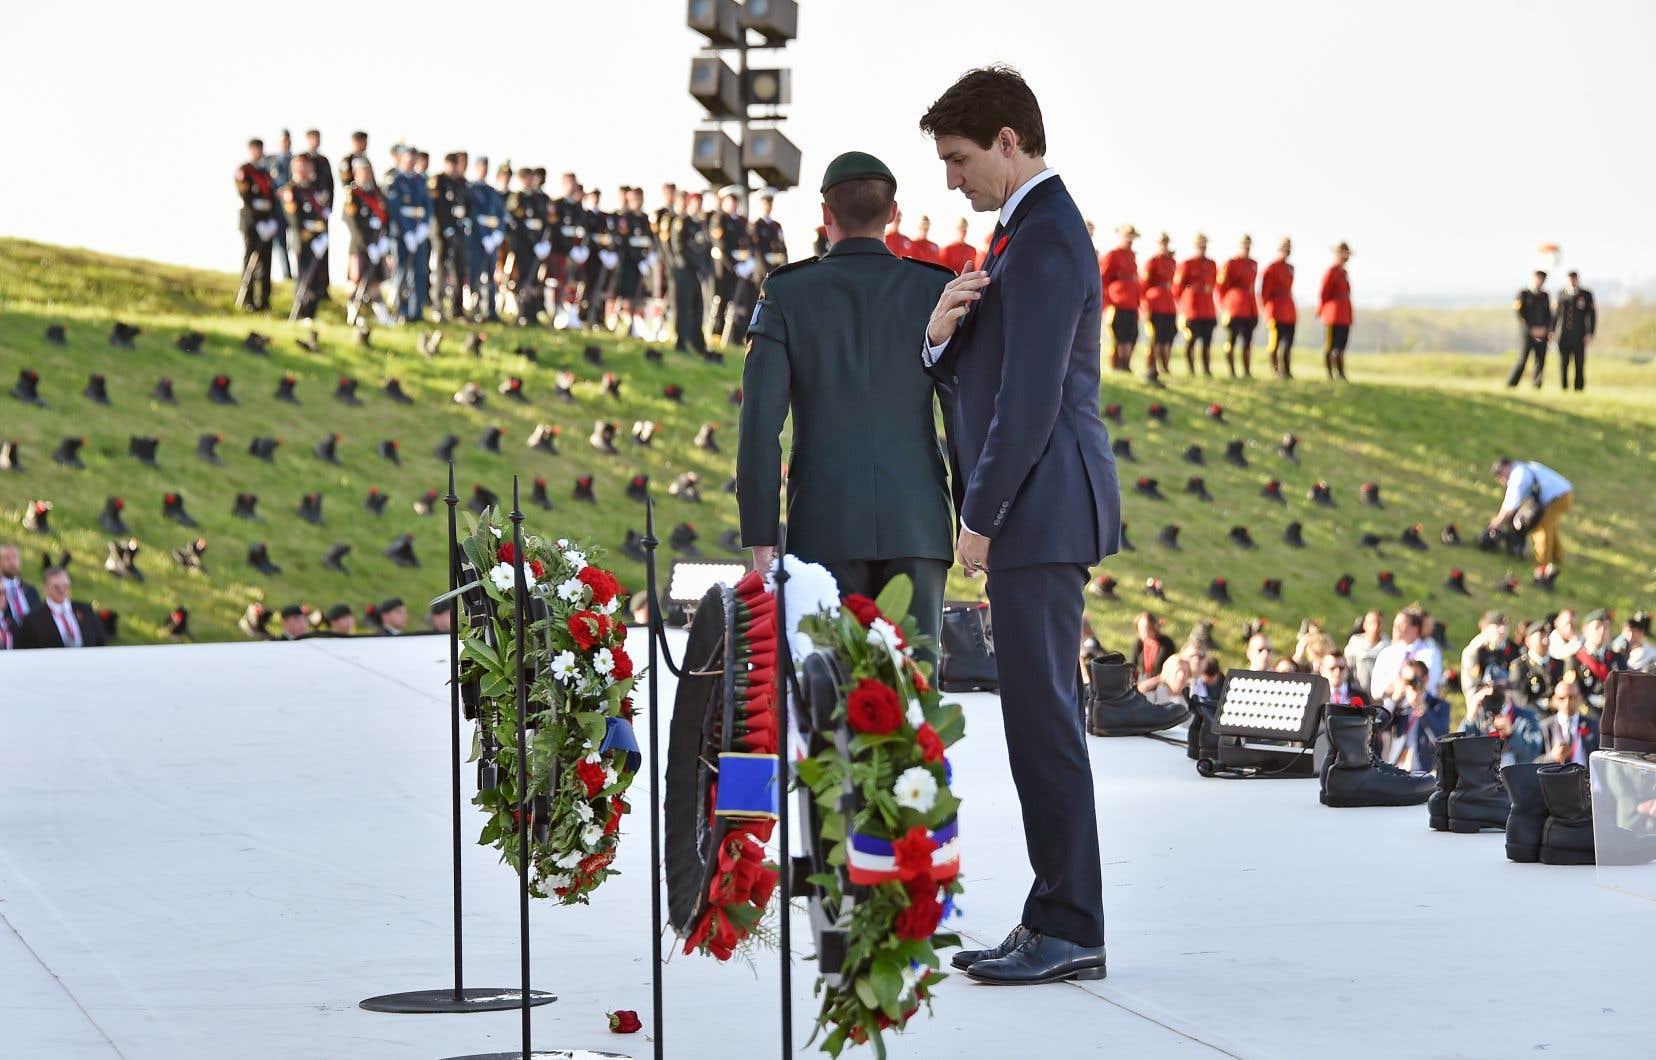 Le premier ministre Justin Trudeau lors de sa visite au Memorial national du Canada à Vimy pour le centenaire de la bataille de Vimy en avril 2017